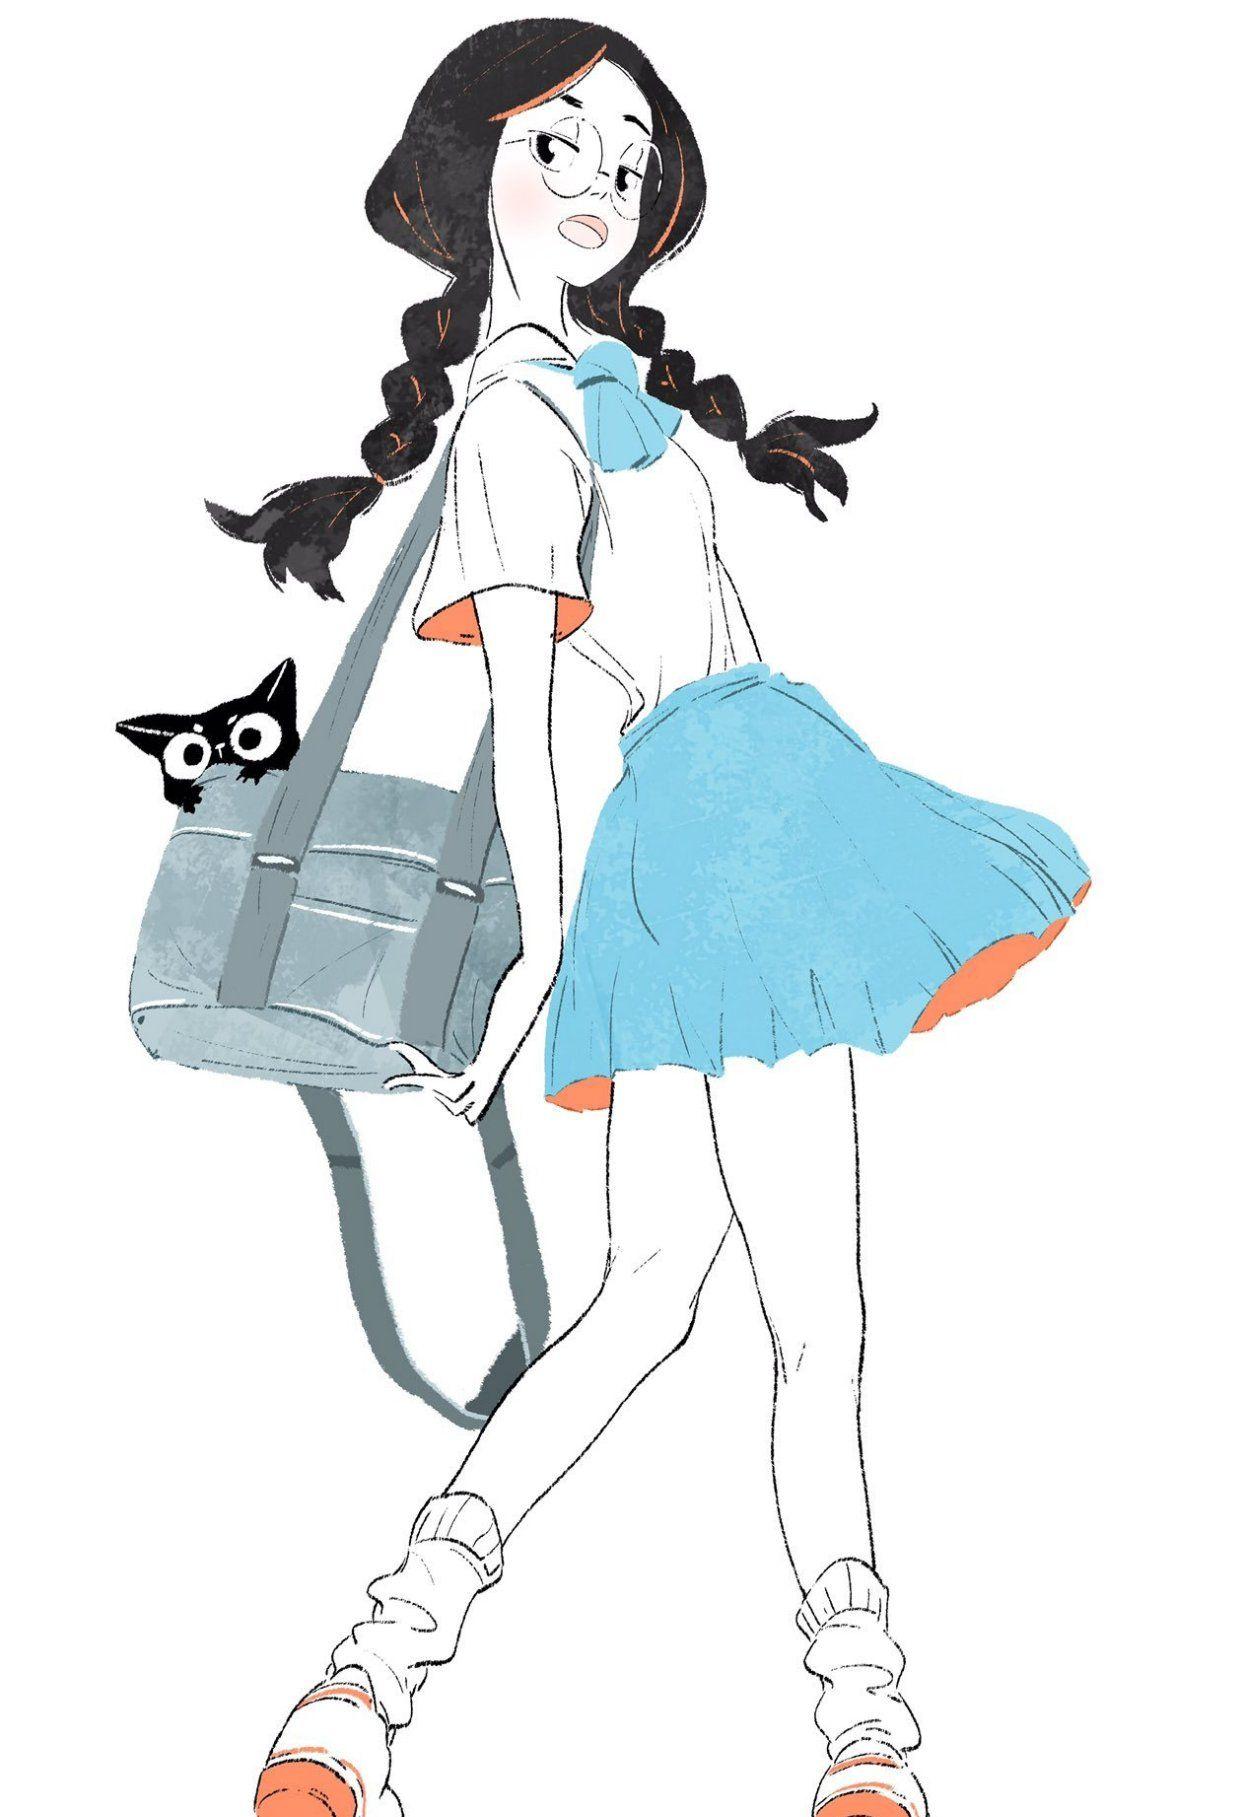 充满青春风的运动少女手绘插画,人物个性鲜明